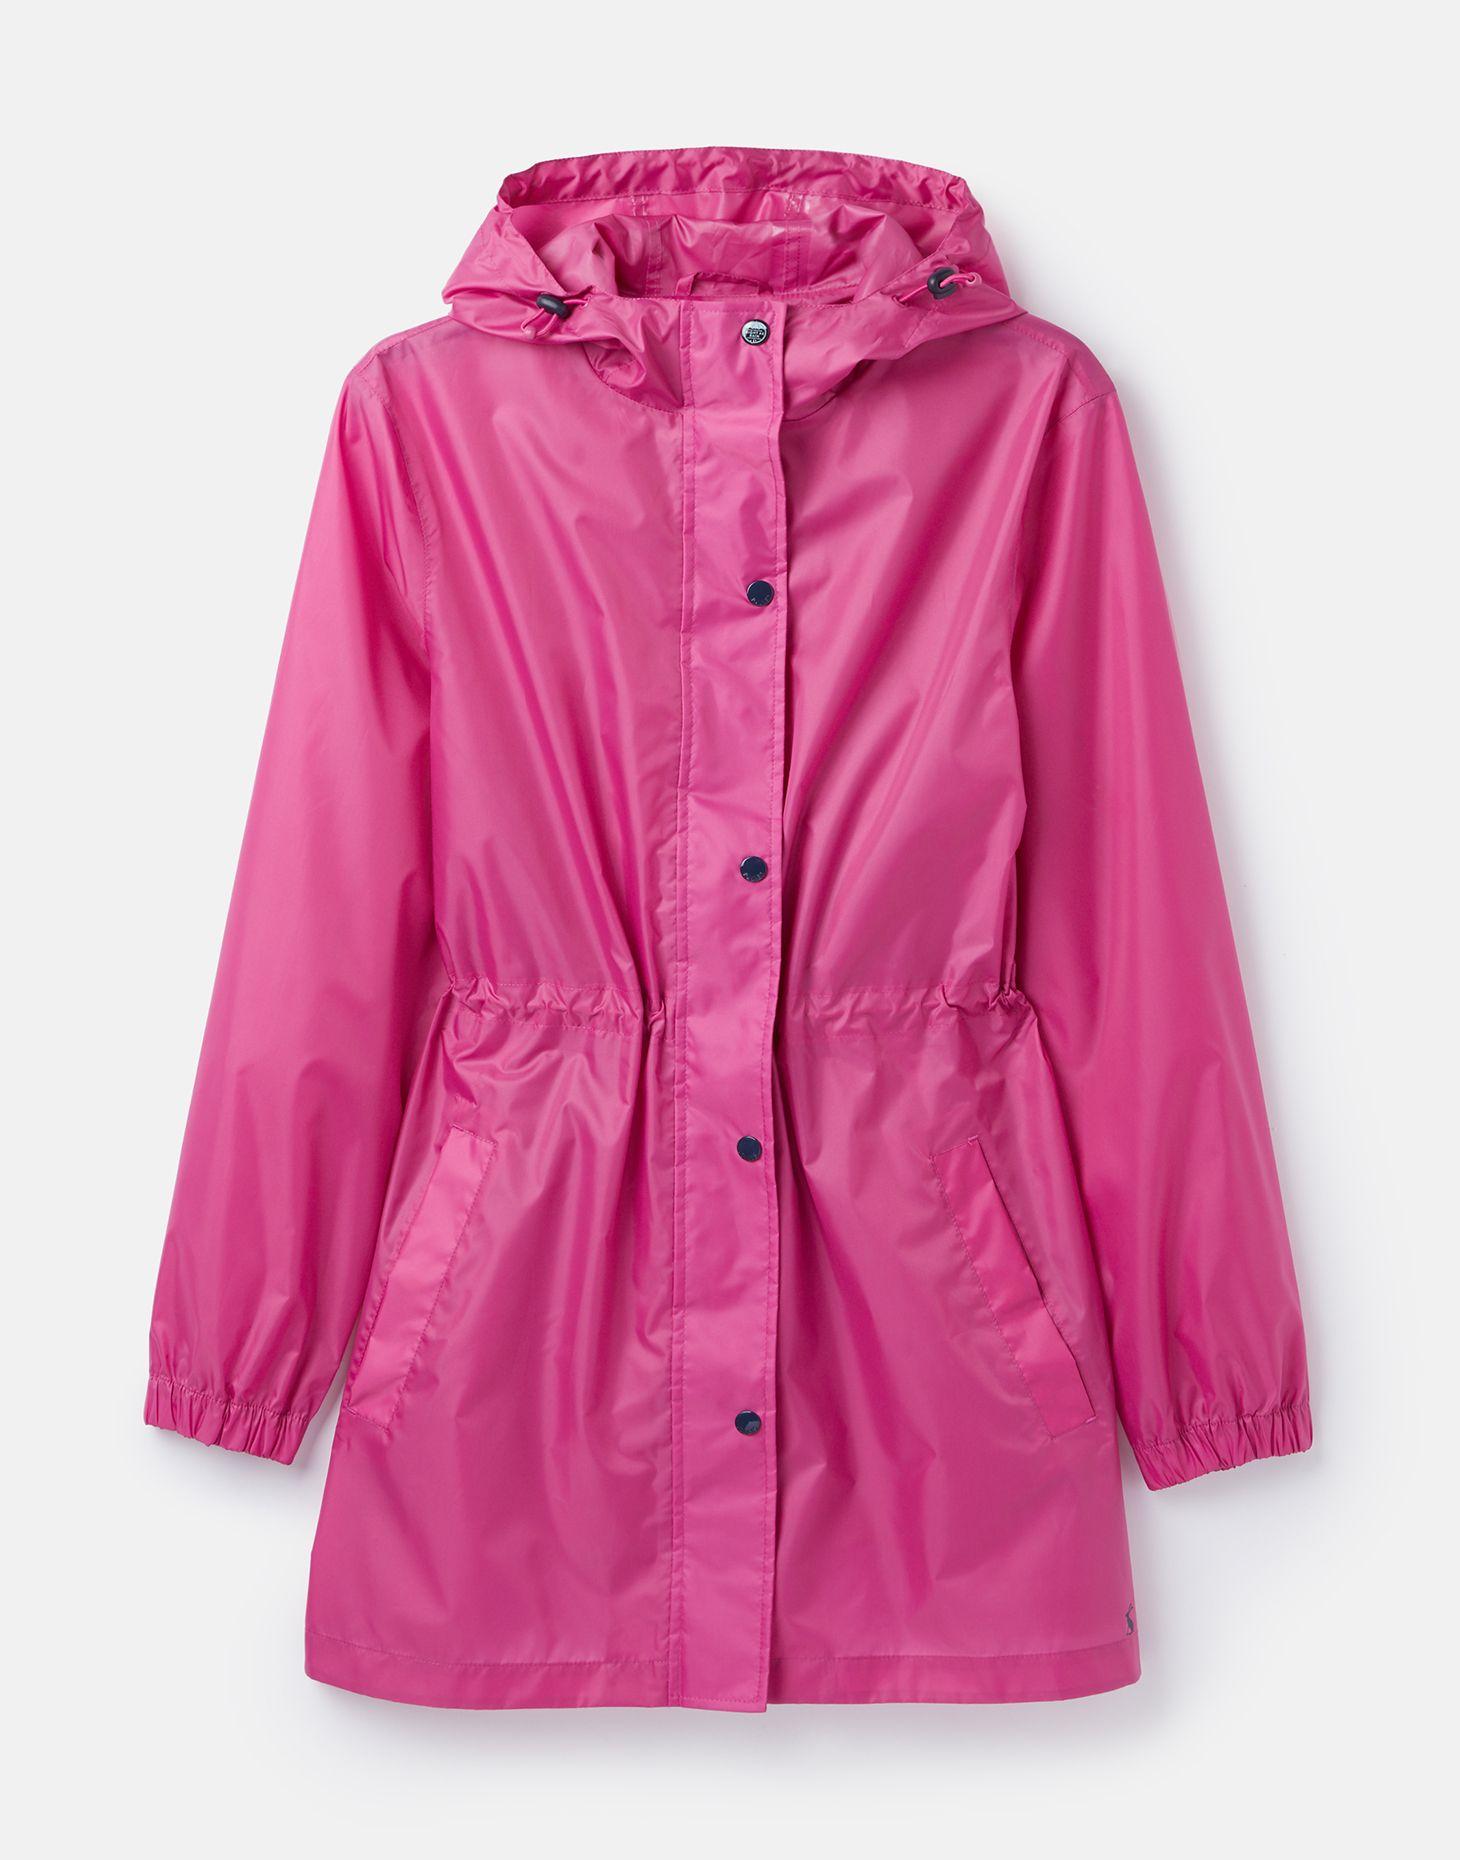 Ladies Pink Waterproof Jacket £10.36 using code plus delivery £3.95 at Joules